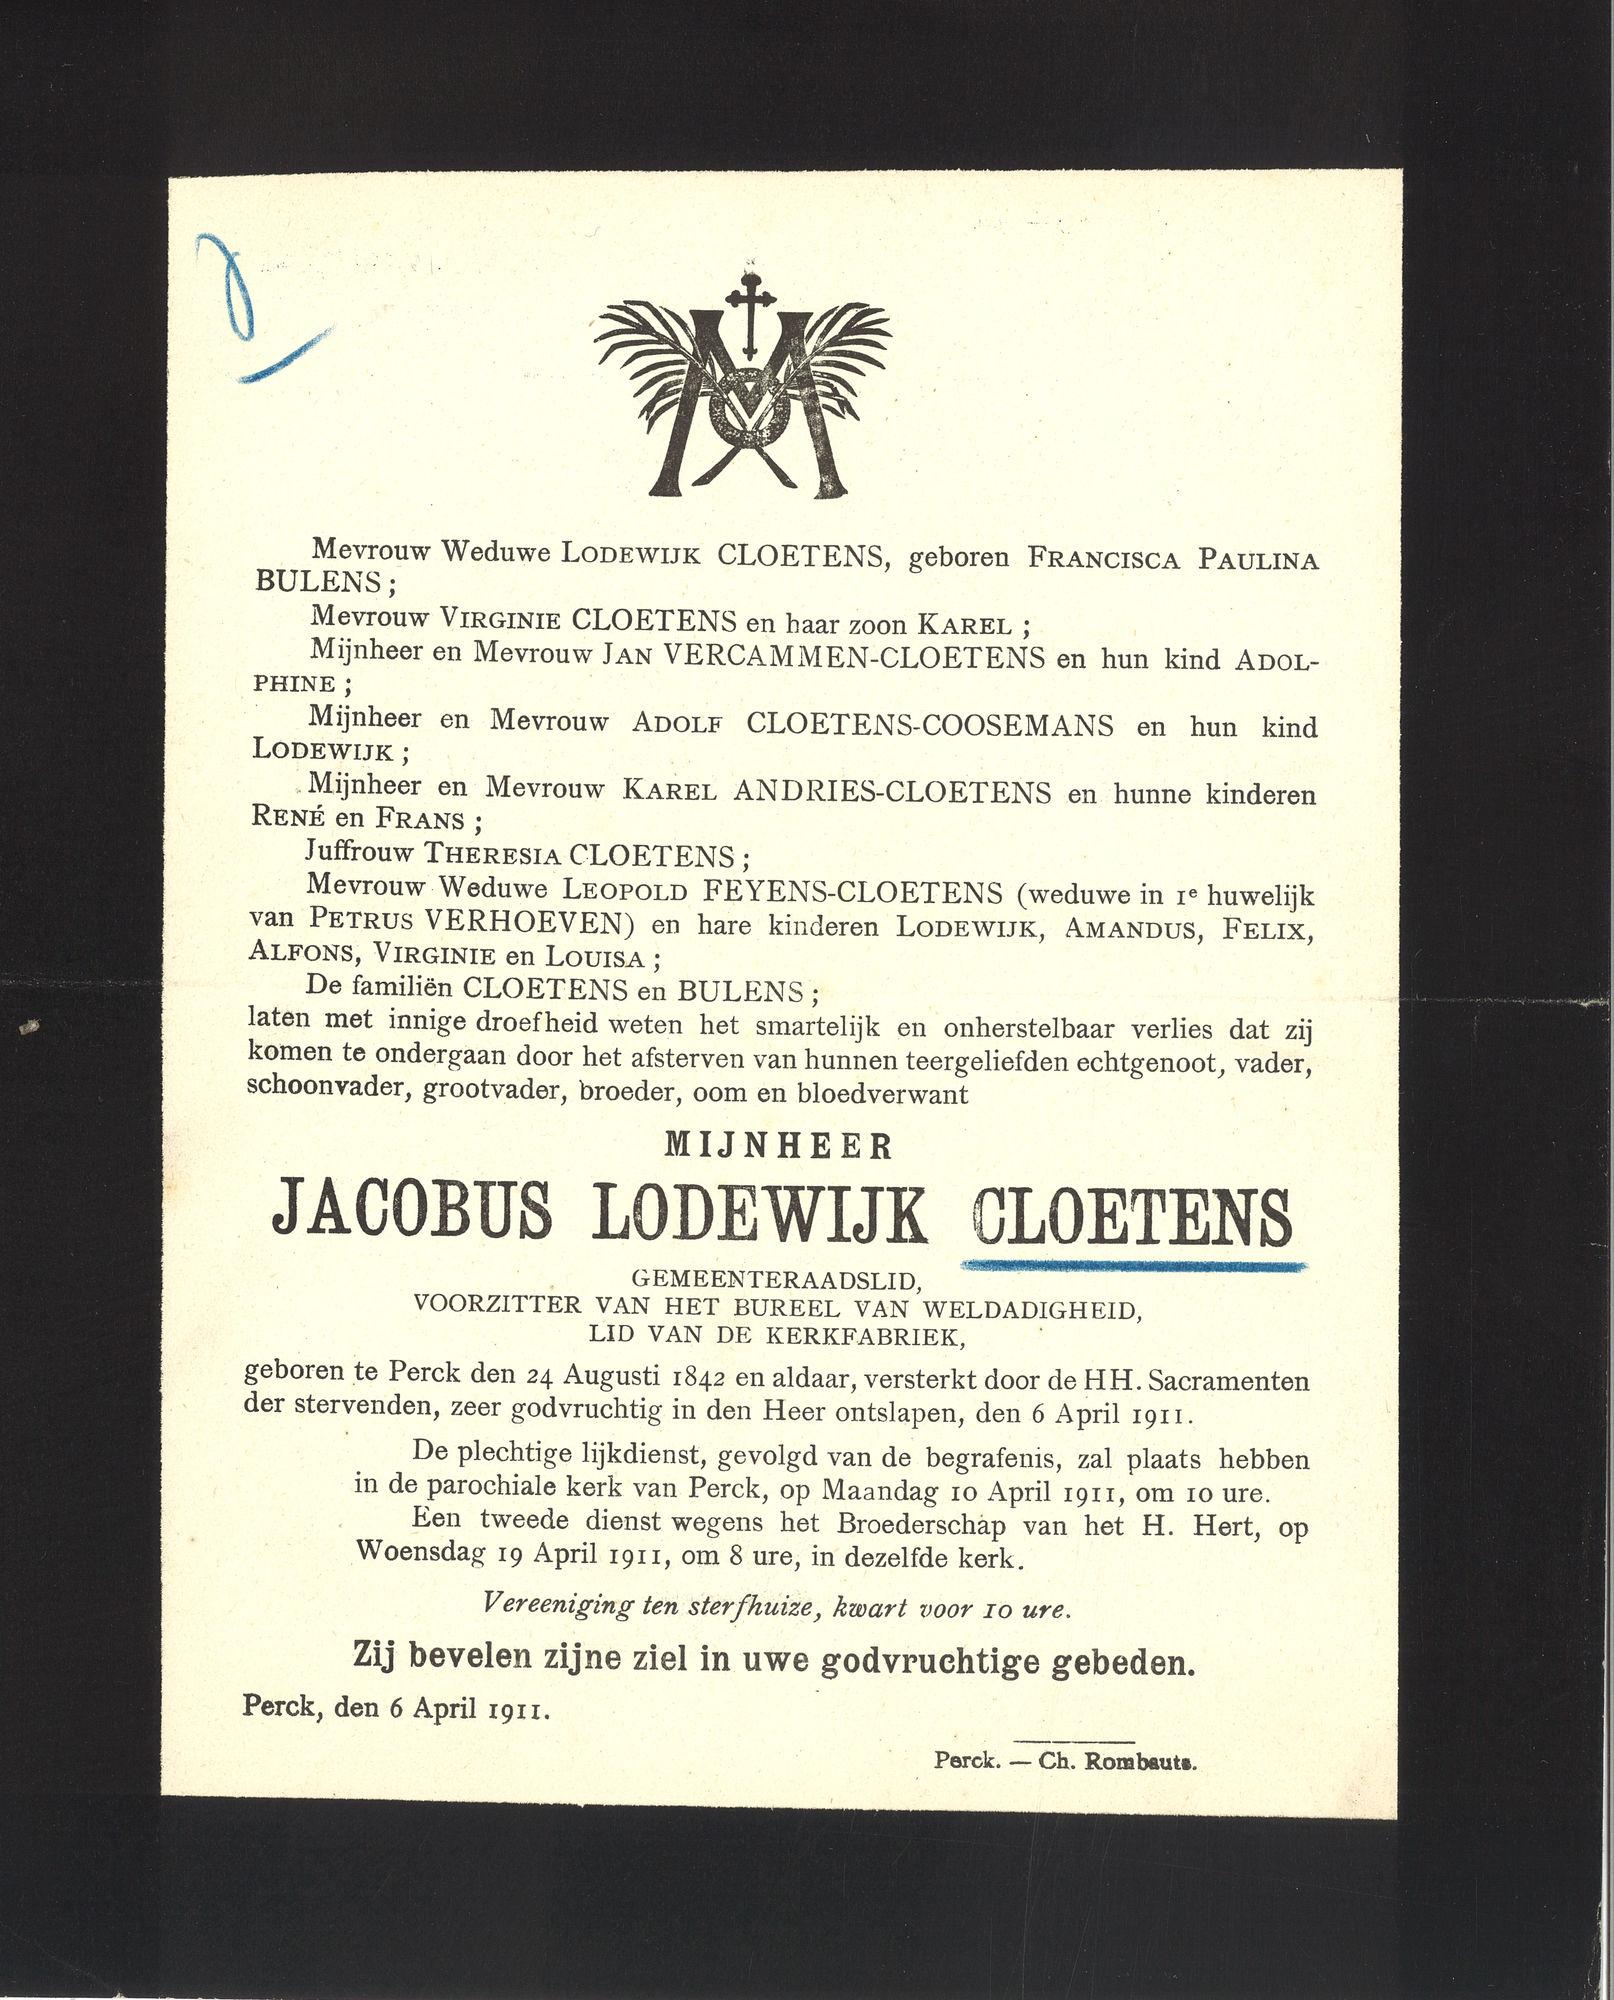 Jacobus Lodewijk Cloetens